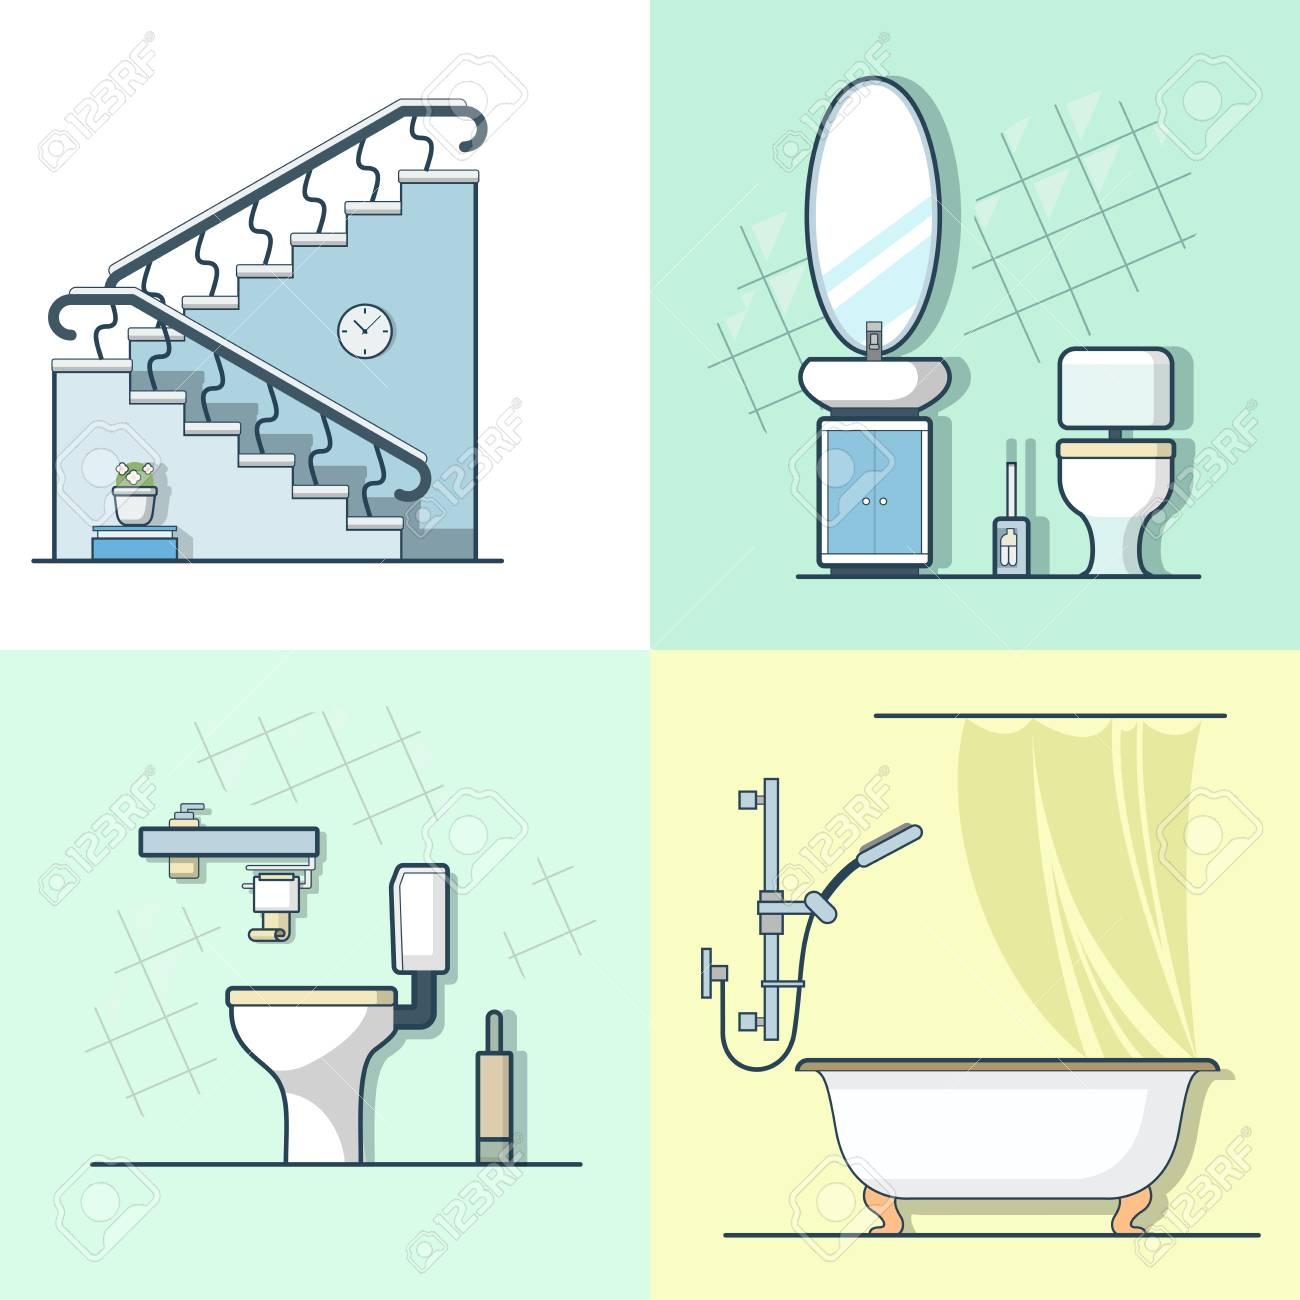 Badezimmer Toilette Leiter Interieur Innenelement Möbel Gesetzt. Linear  Schlaganfall Umriss Flach Stil Vektor Icons